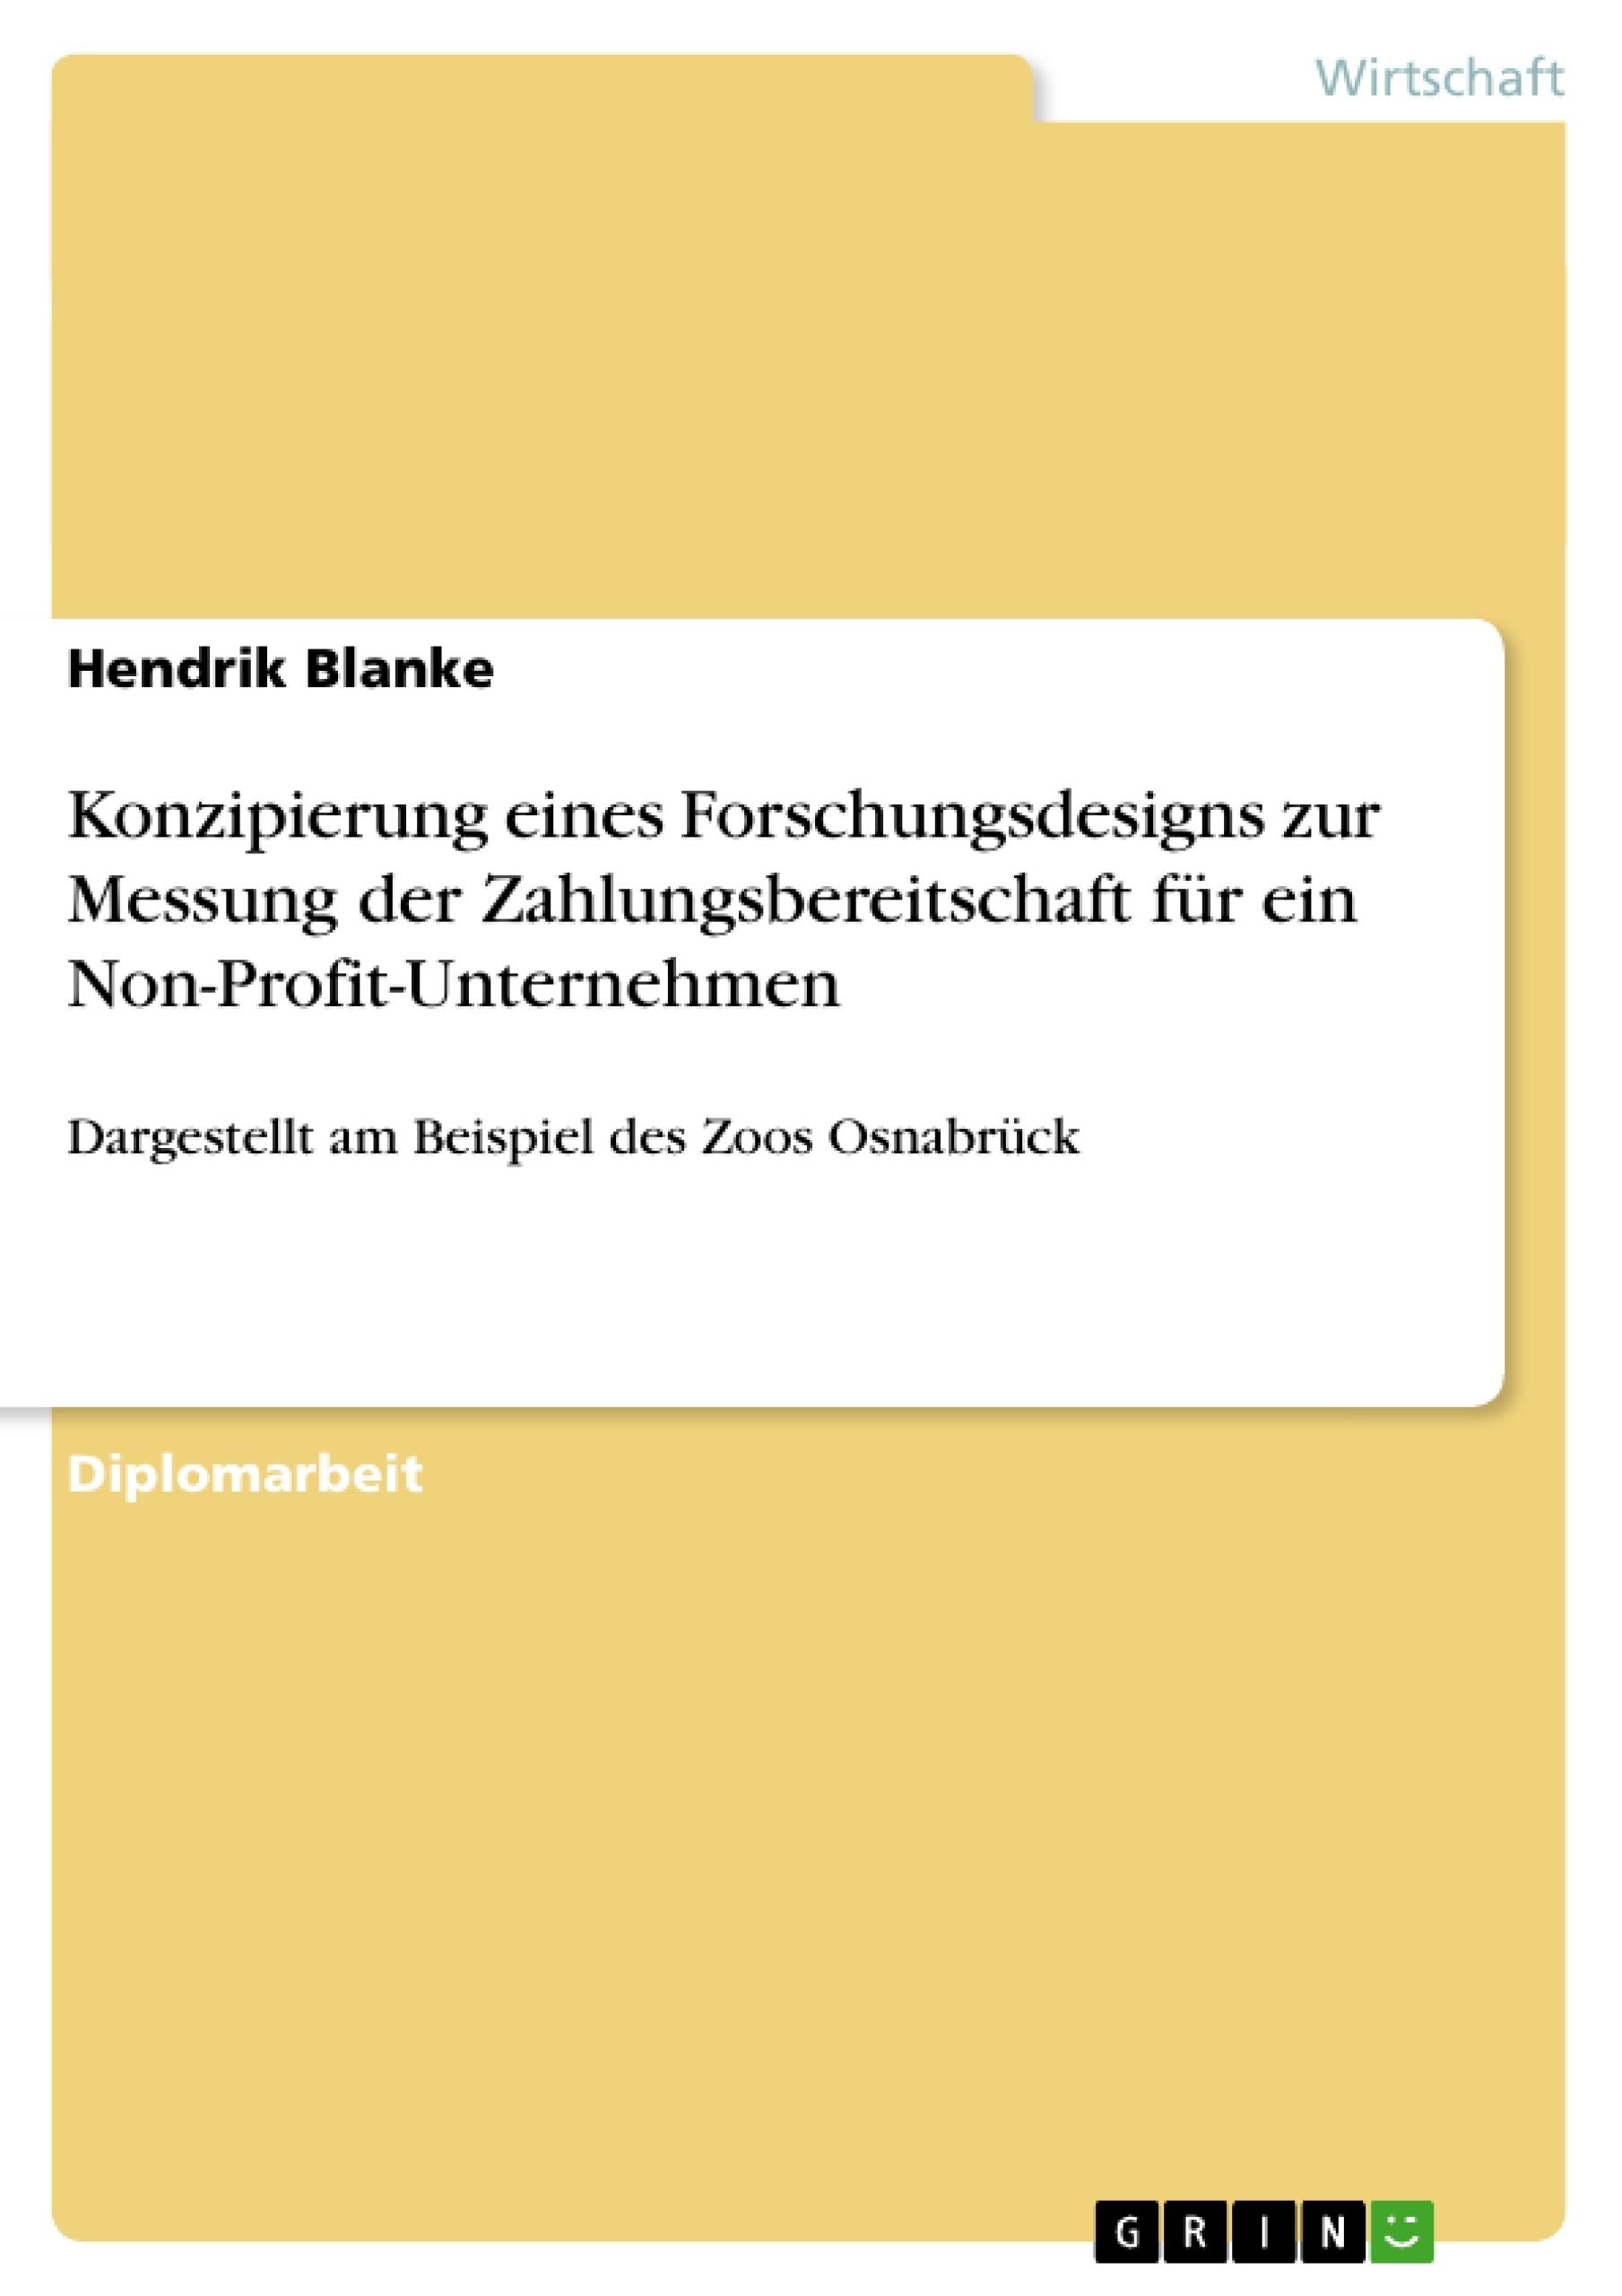 Titel: Konzipierung eines Forschungsdesigns zur Messung der Zahlungsbereitschaft für ein Non-Profit-Unternehmen